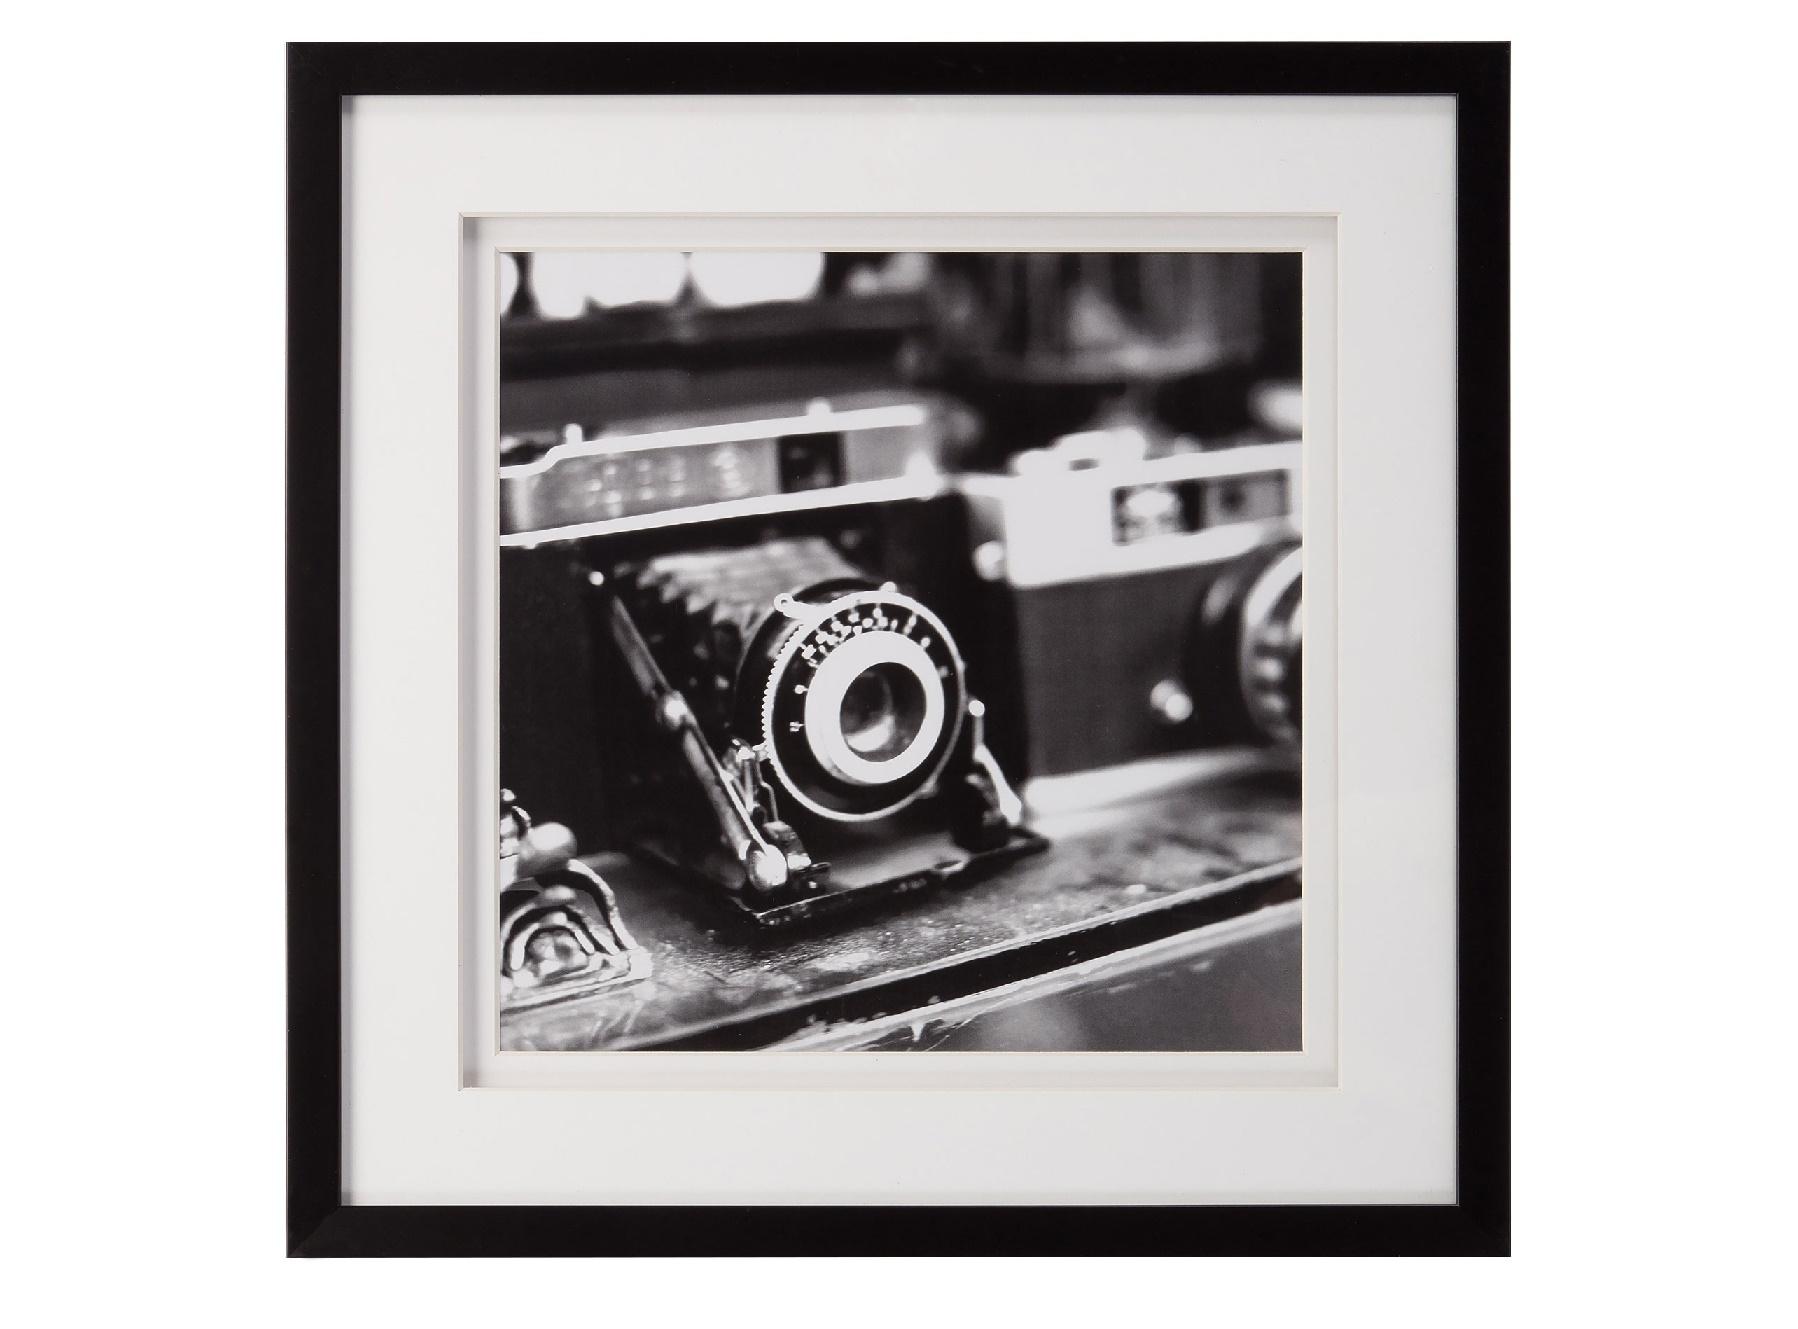 Постер с паспарту в раме Rare FindsПостеры<br>&amp;quot;Rare Finds&amp;quot; ? интересный постер, на котором изображены части старинных фотоаппаратов. Этот настенный декор в черно-белых тонах позволит добавить винтажный антураж в оформление кабинета или гостиной. Высокое качество исполнения покорит любого.&amp;amp;nbsp;&amp;lt;div&amp;gt;&amp;lt;br&amp;gt;&amp;lt;/div&amp;gt;&amp;lt;div&amp;gt;Рама - дерево.&amp;lt;/div&amp;gt;<br><br>Material: Бумага<br>Length см: None<br>Width см: 44<br>Depth см: 3<br>Height см: 44